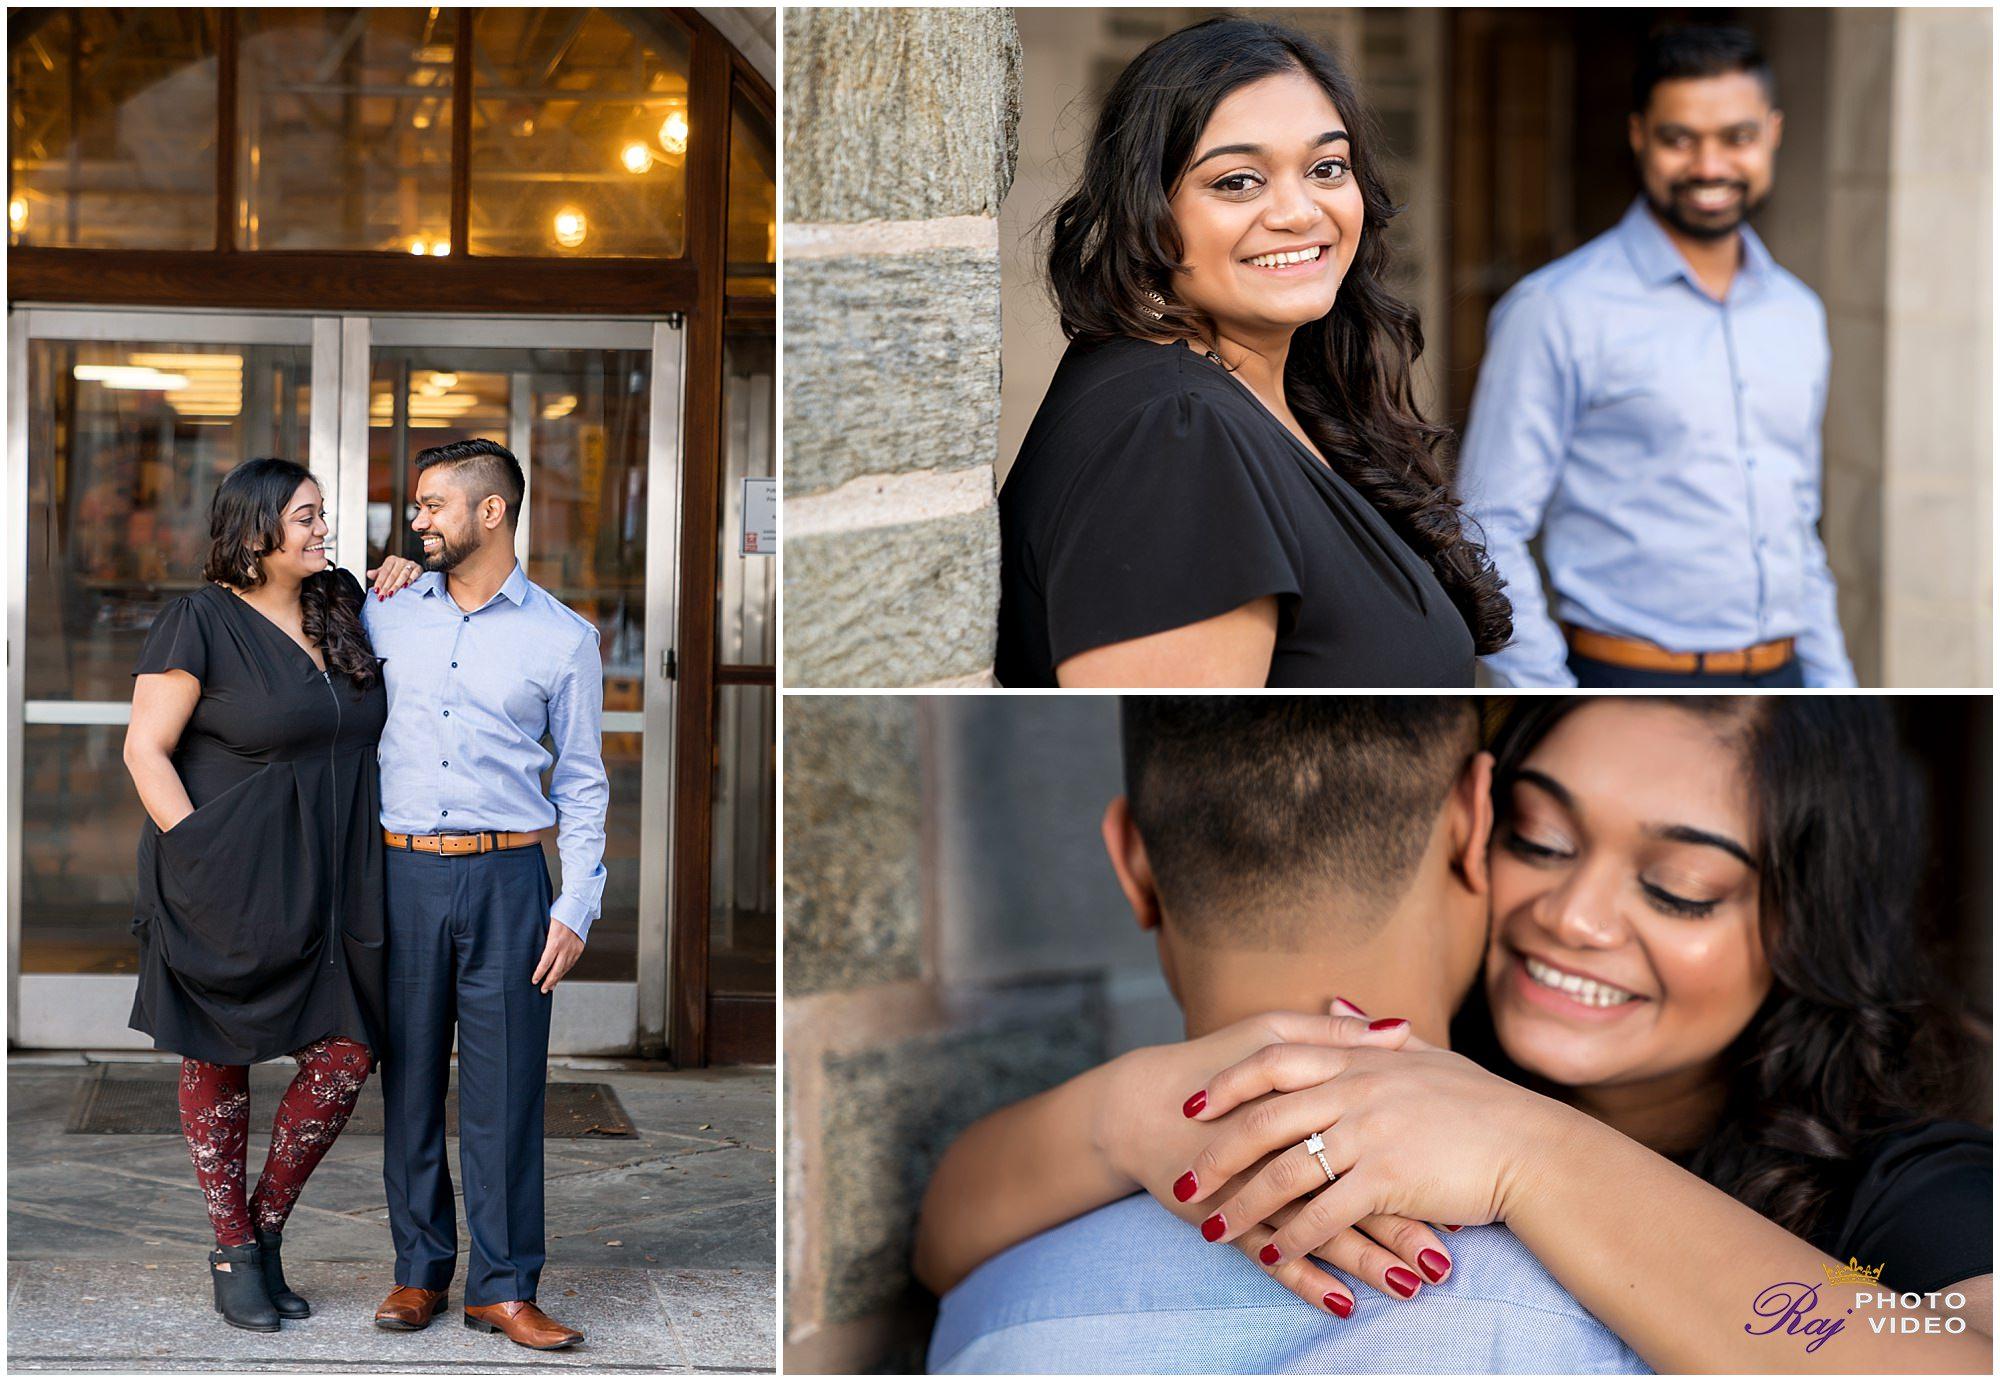 Princeton-University-Princeton-NJ-Engagement-Shoot-Krishna-Ritesh-3_Raj_Photo_Video.jpg